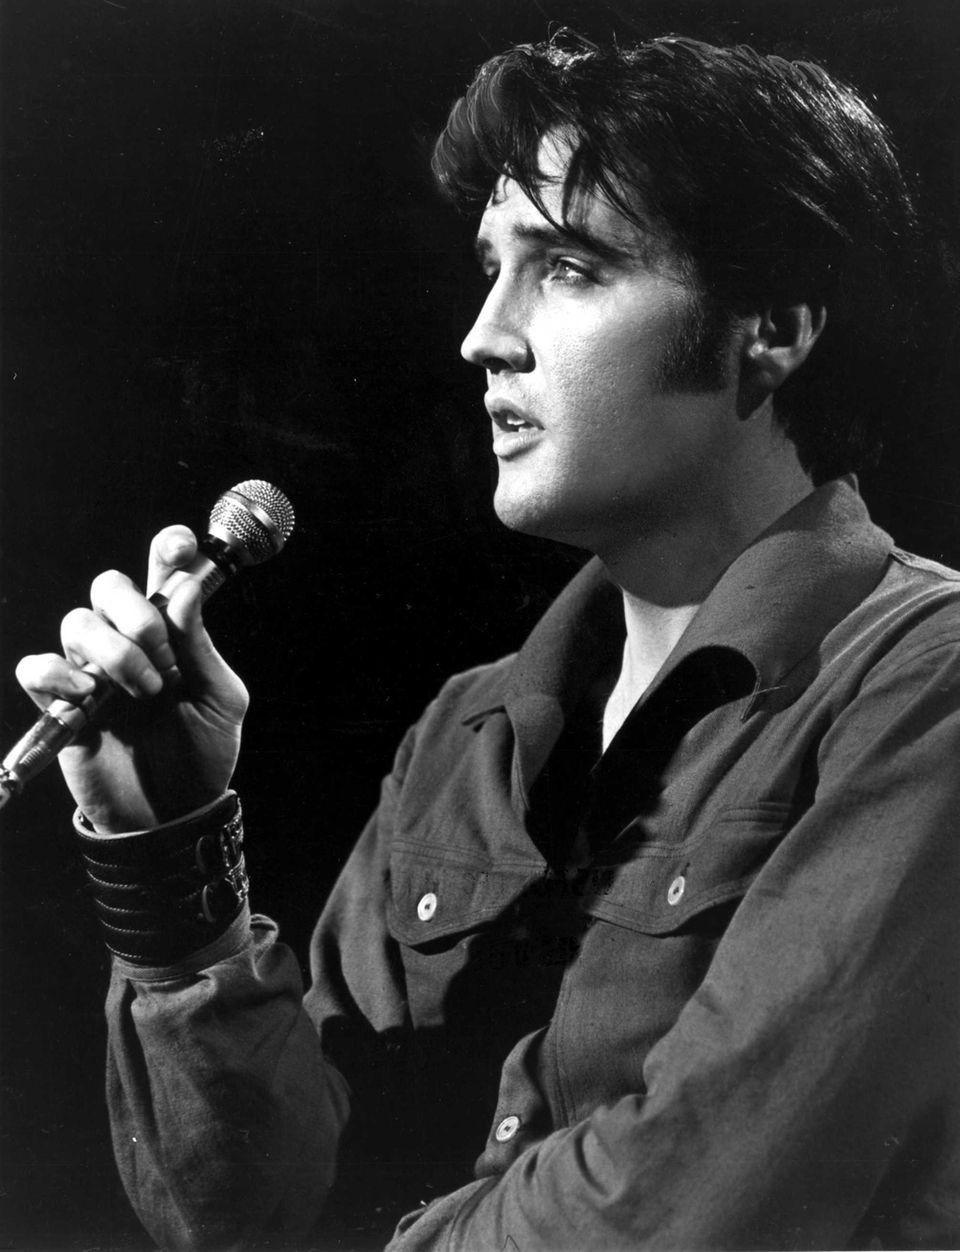 Elvis Presley sings romantic ballads on his